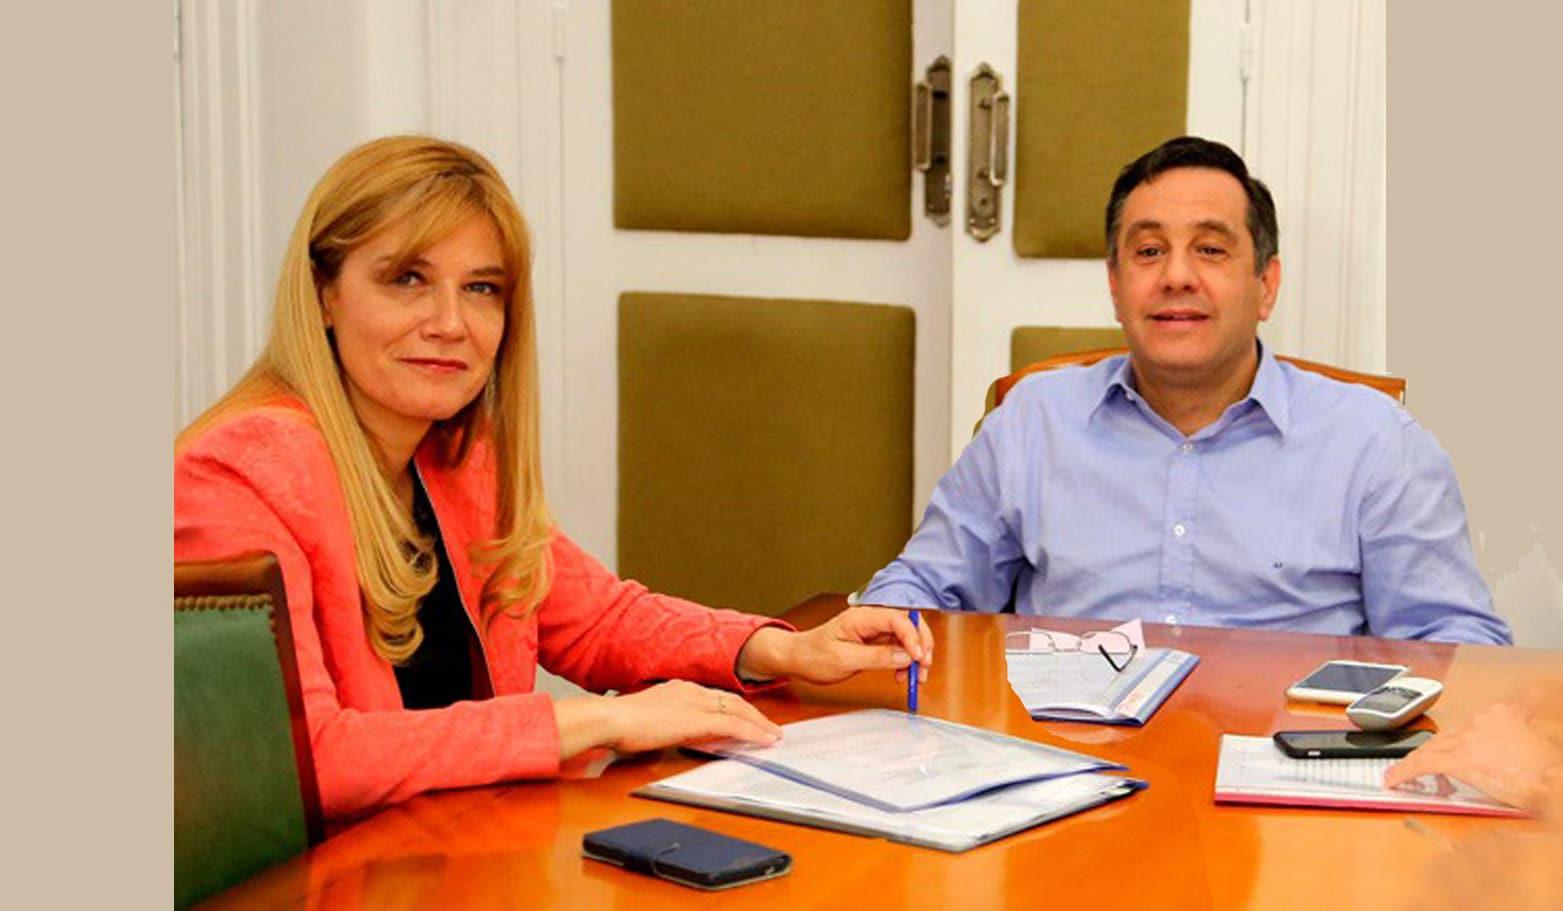 Con el conflicto docente, Magario y Finocchiario calientan la campaña electoral de La Matanza